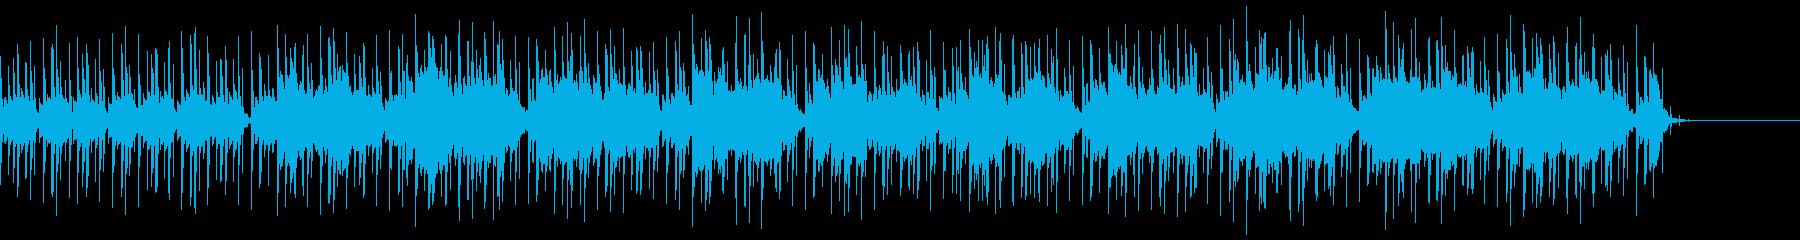 エレピとハープのヒップホップトラックの再生済みの波形